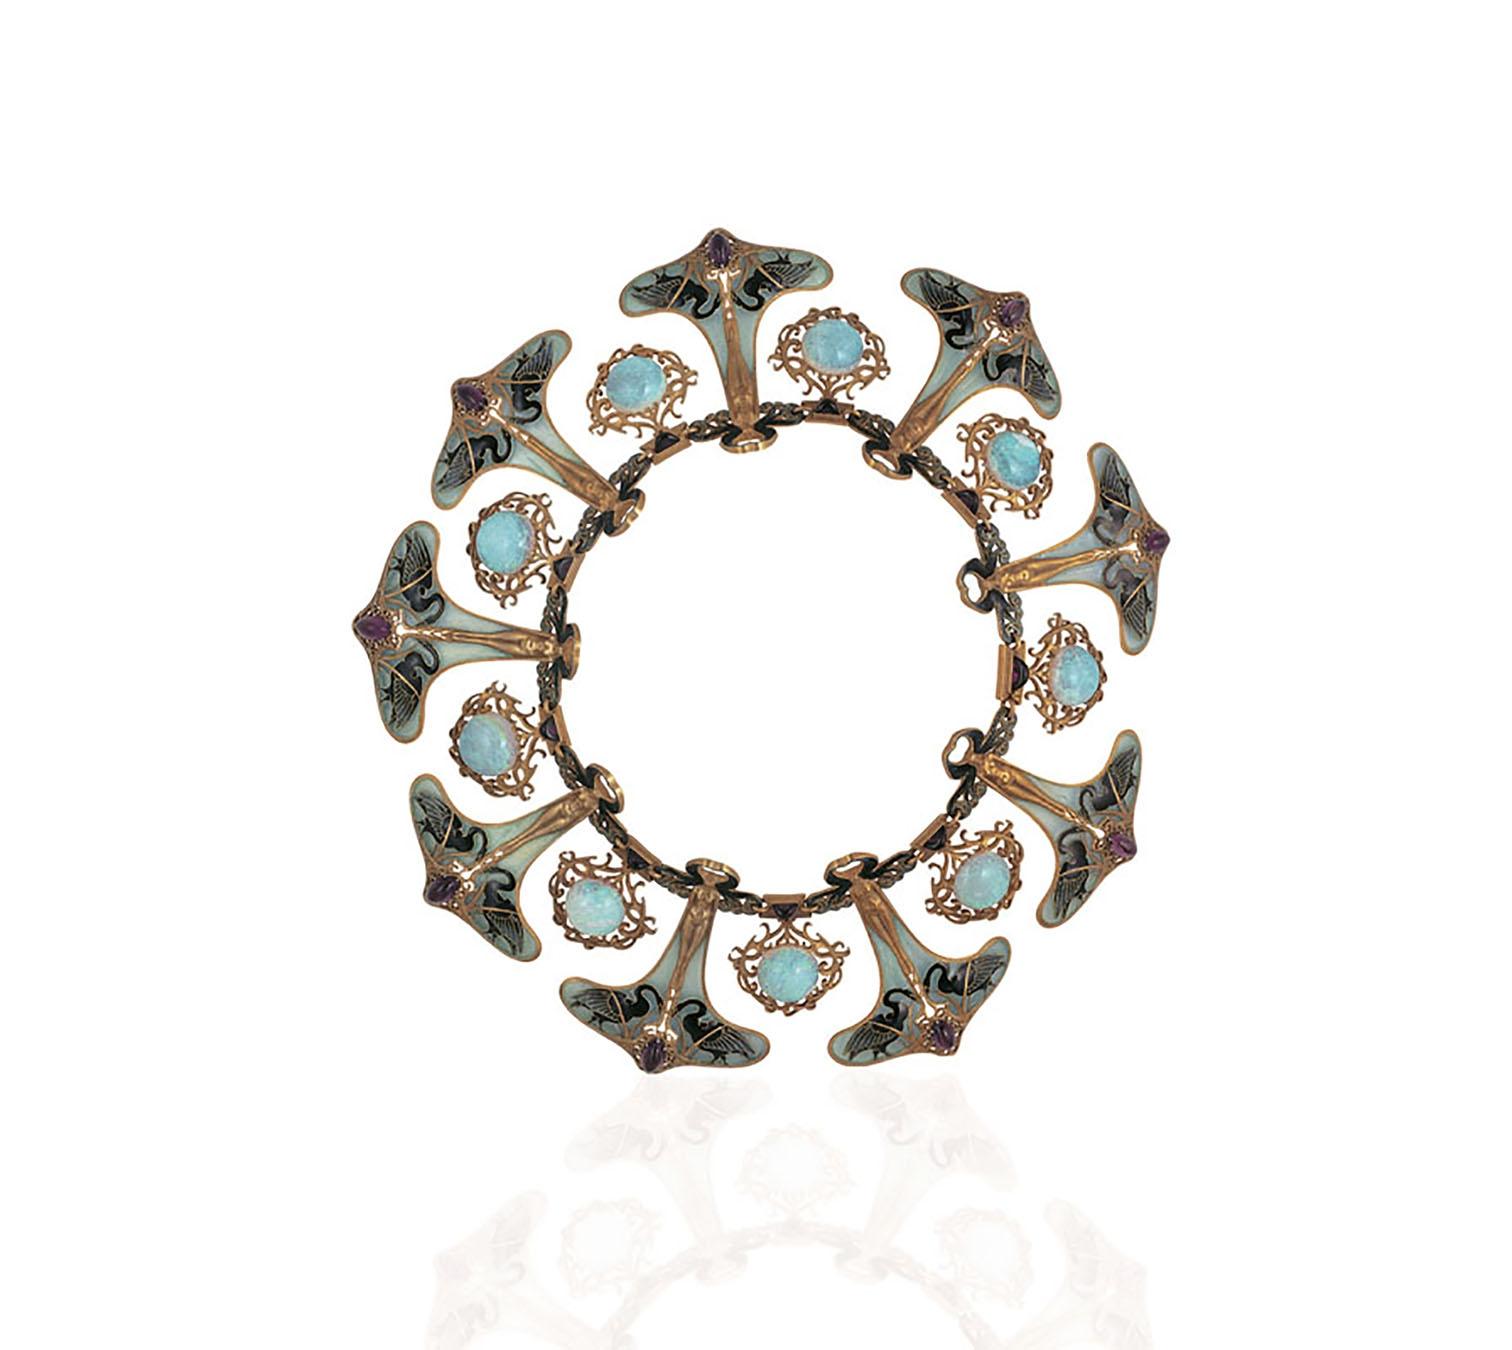 3-lalique-collana-donne-insetto-e-cigni-neri